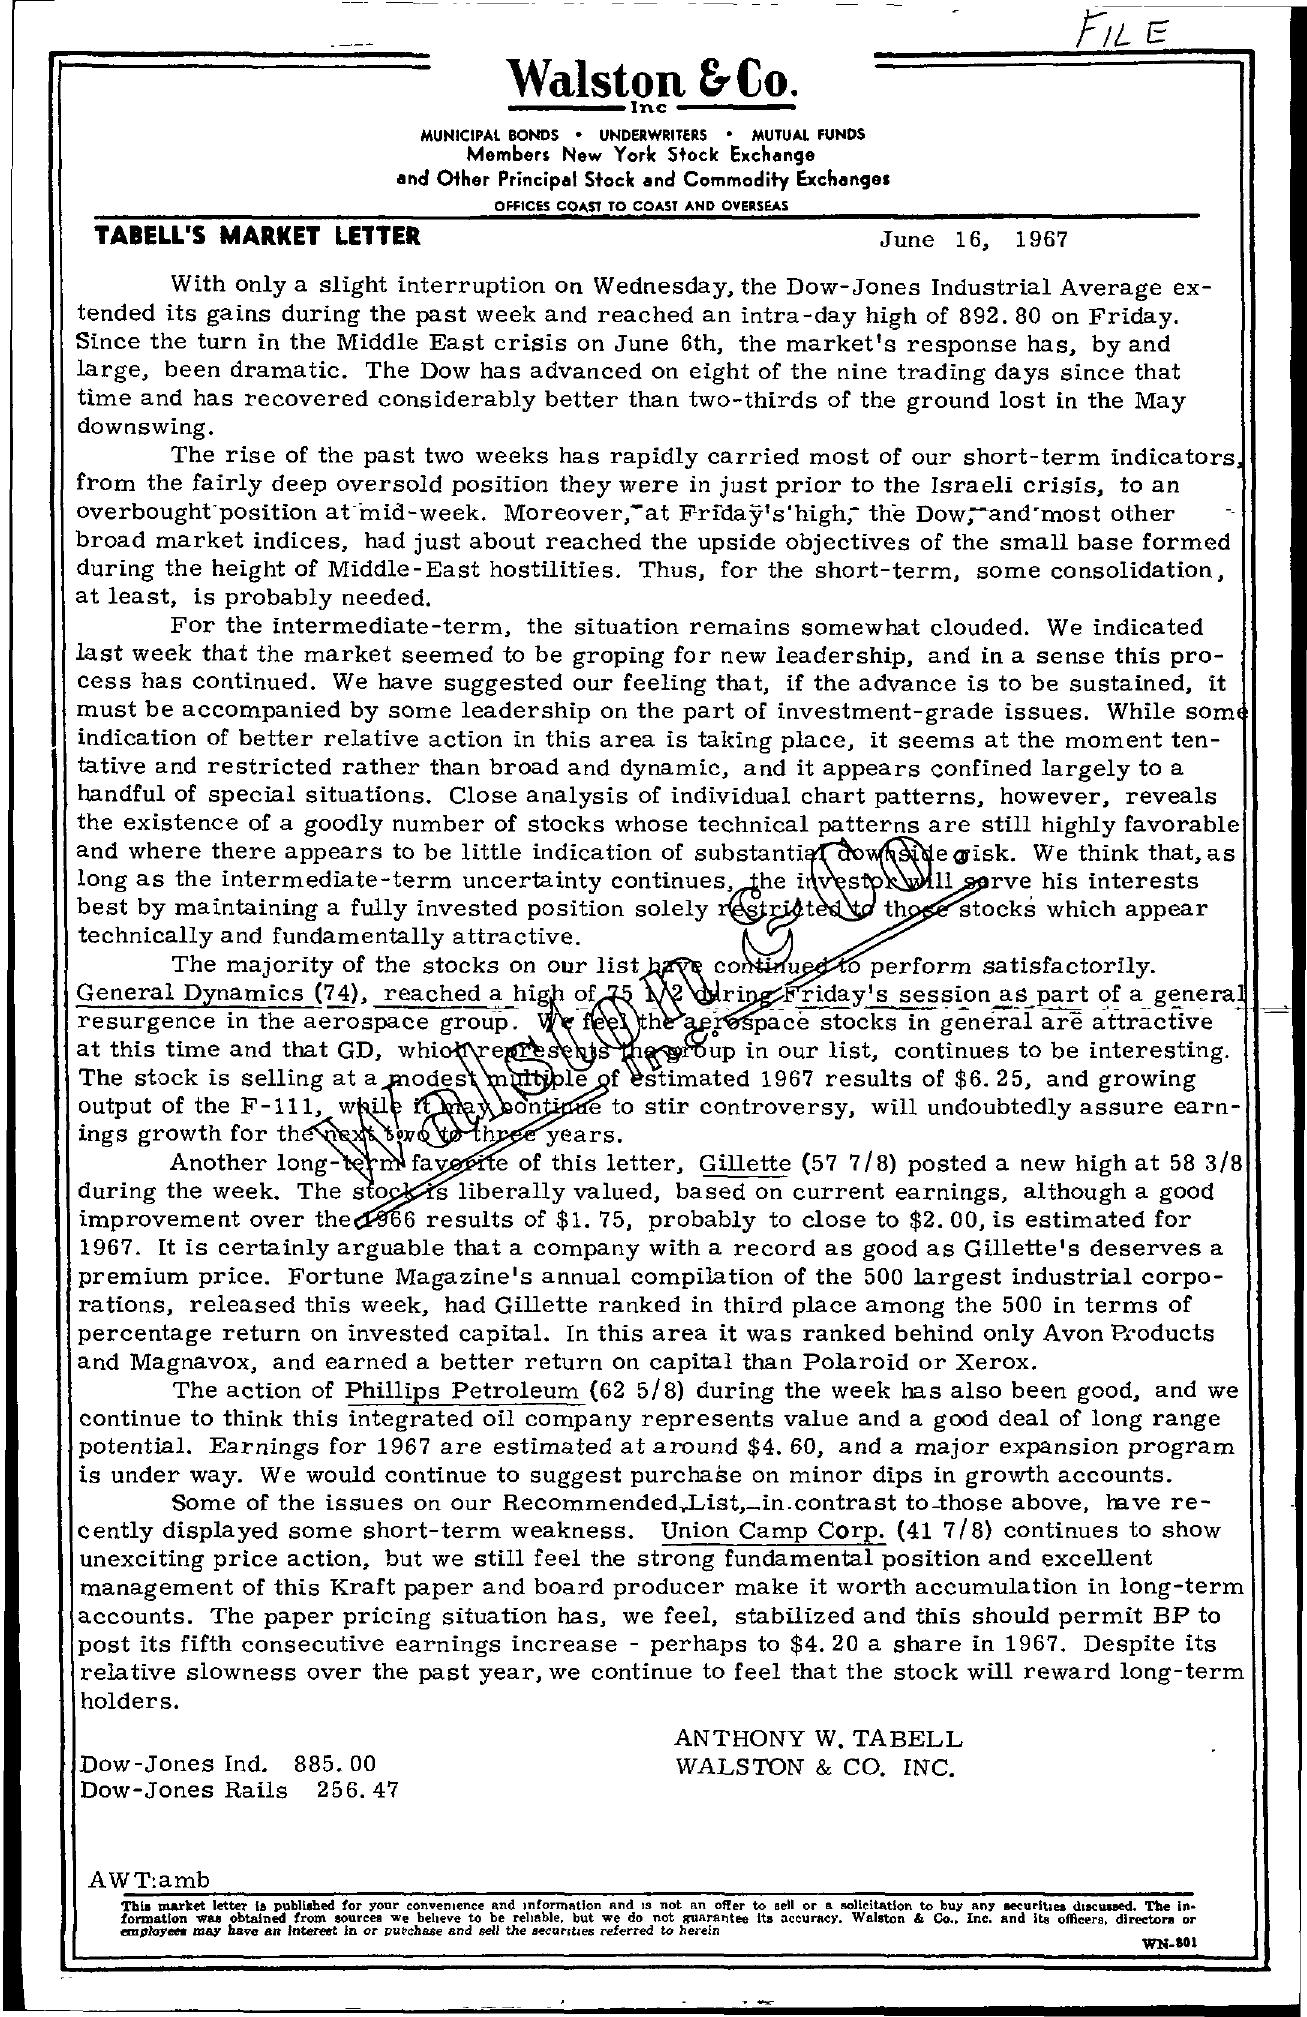 Tabell's Market Letter - June 16, 1967